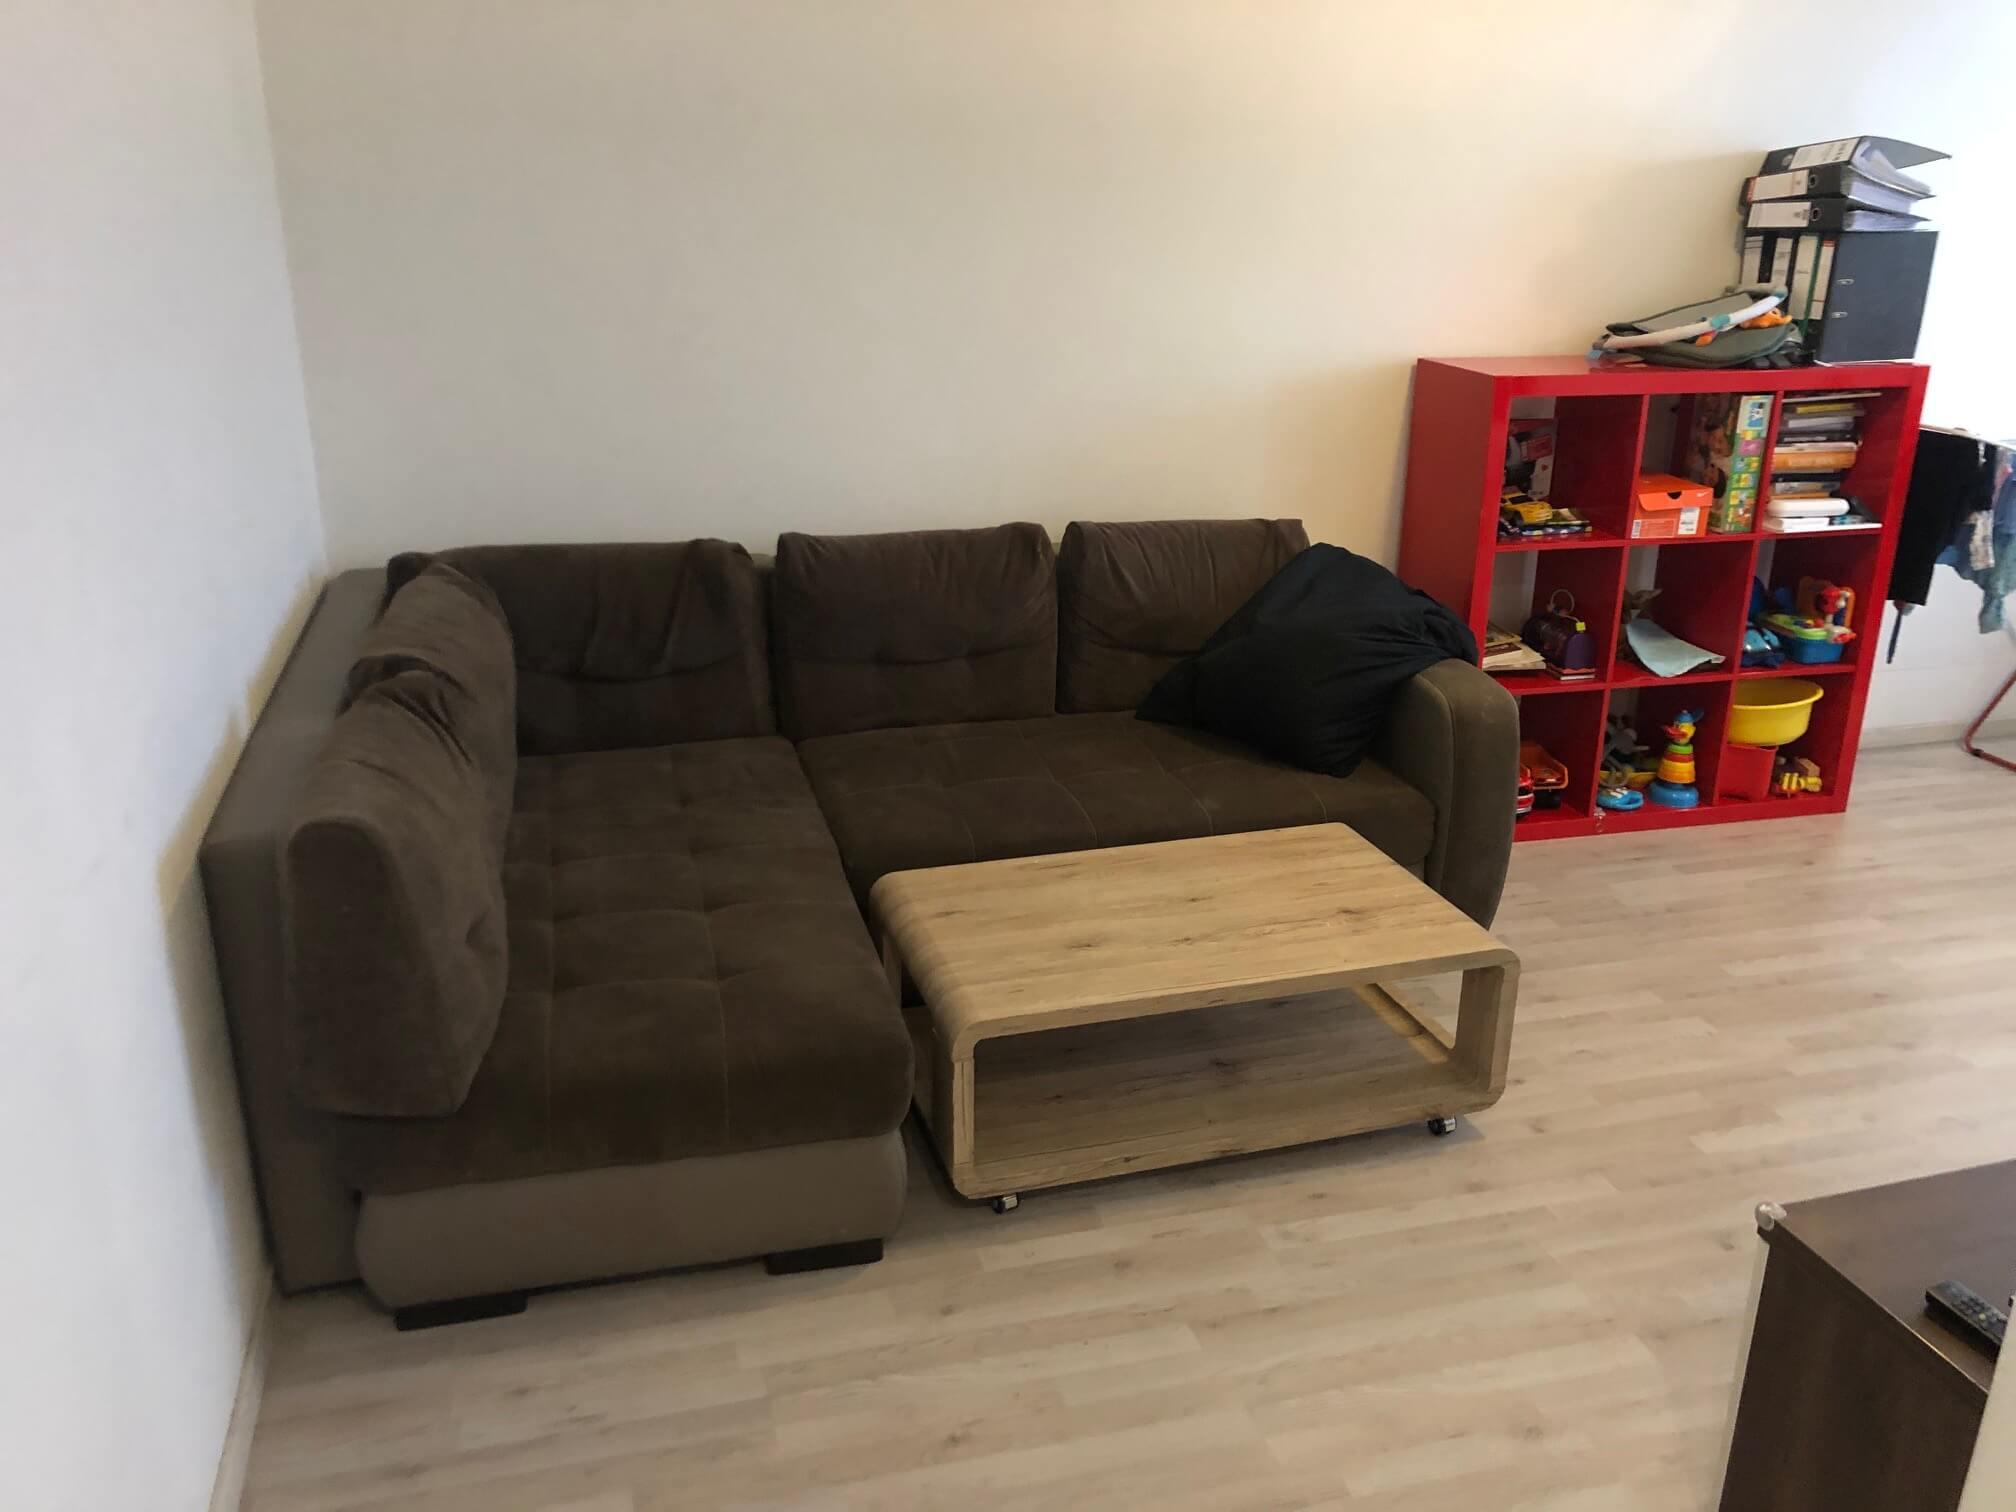 Prenajate: Prenájom 2 izb. byt, Luxusne zariadeny, v tichej lokalite, Brnianska 4, nad Farbičkou, Malacky,-2